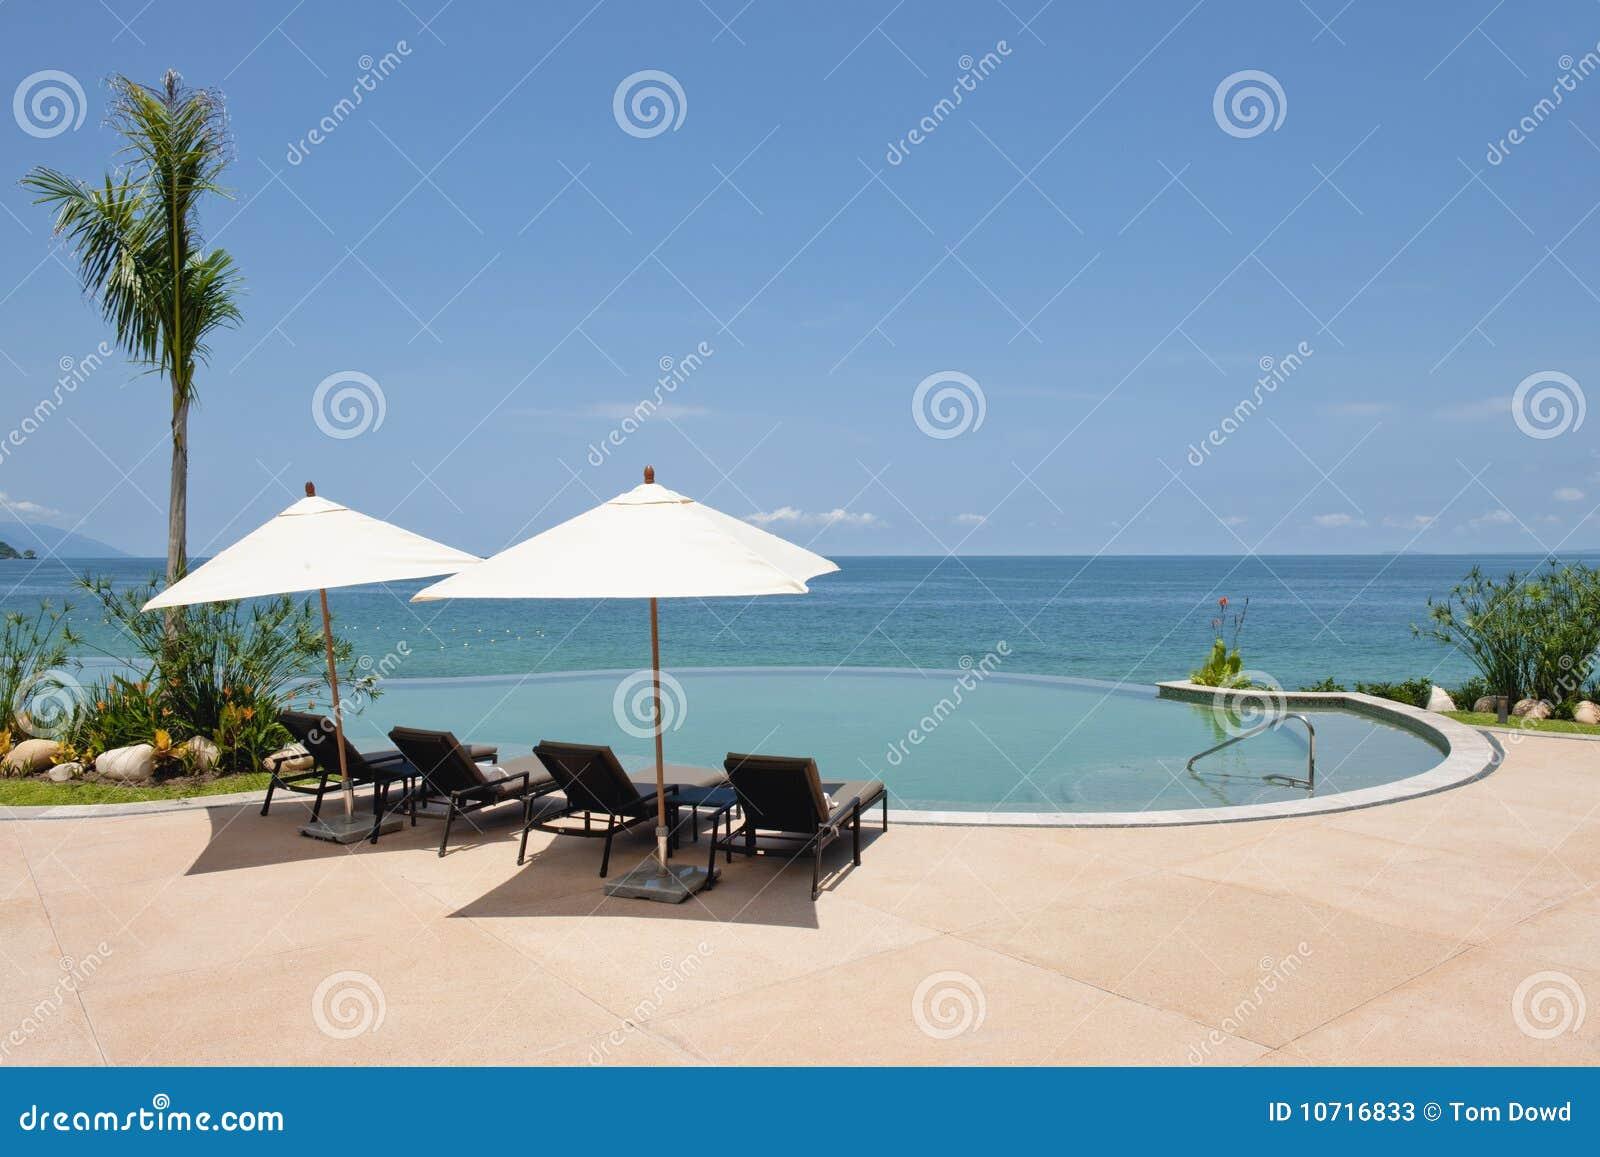 Swimming pool by ocean